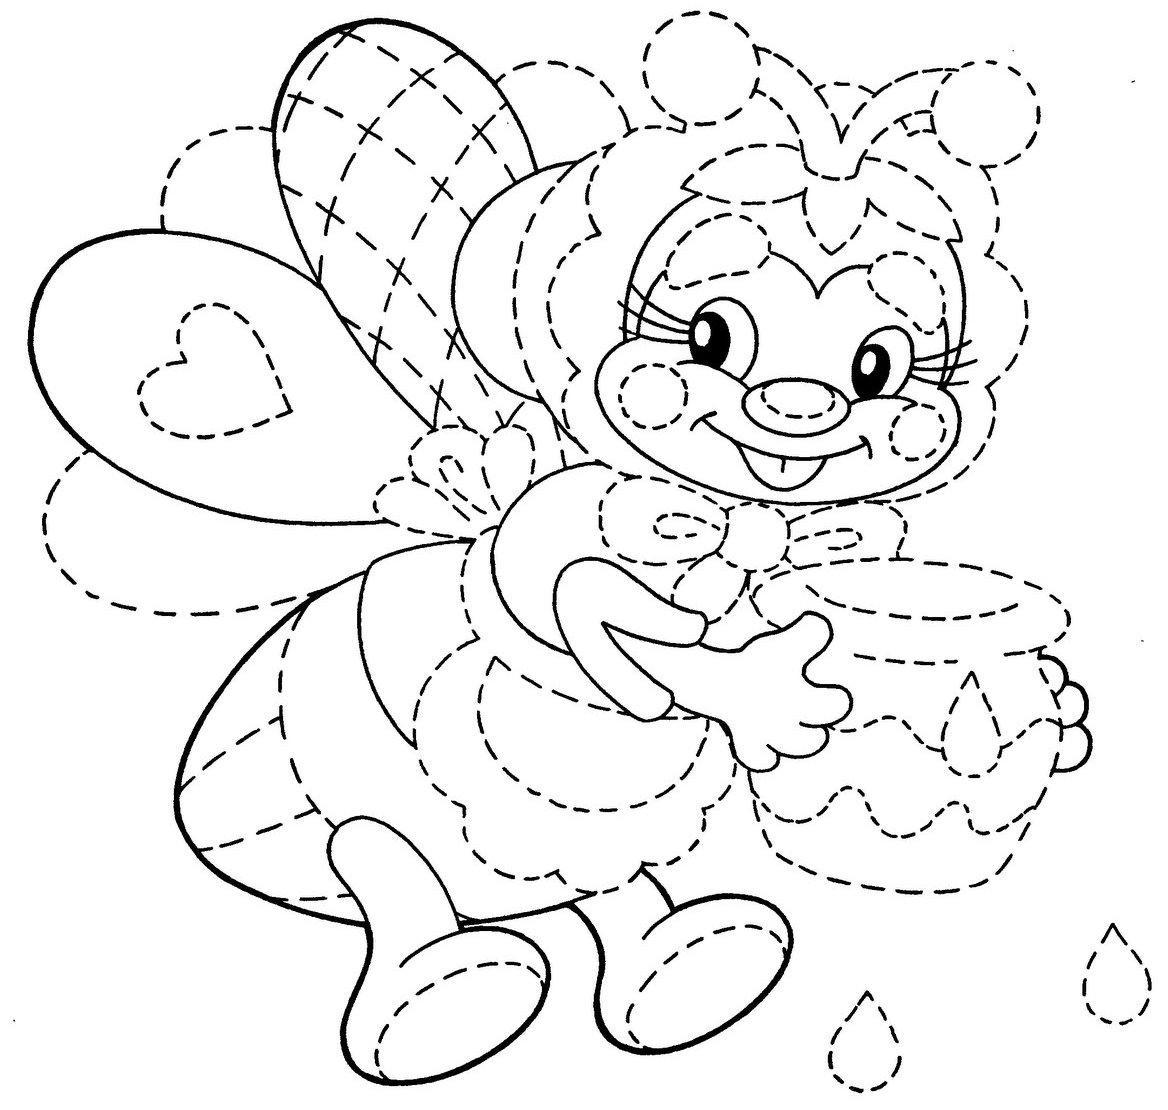 Desenho para ligar os pontos e depois colorir (Foto: Divulgação)